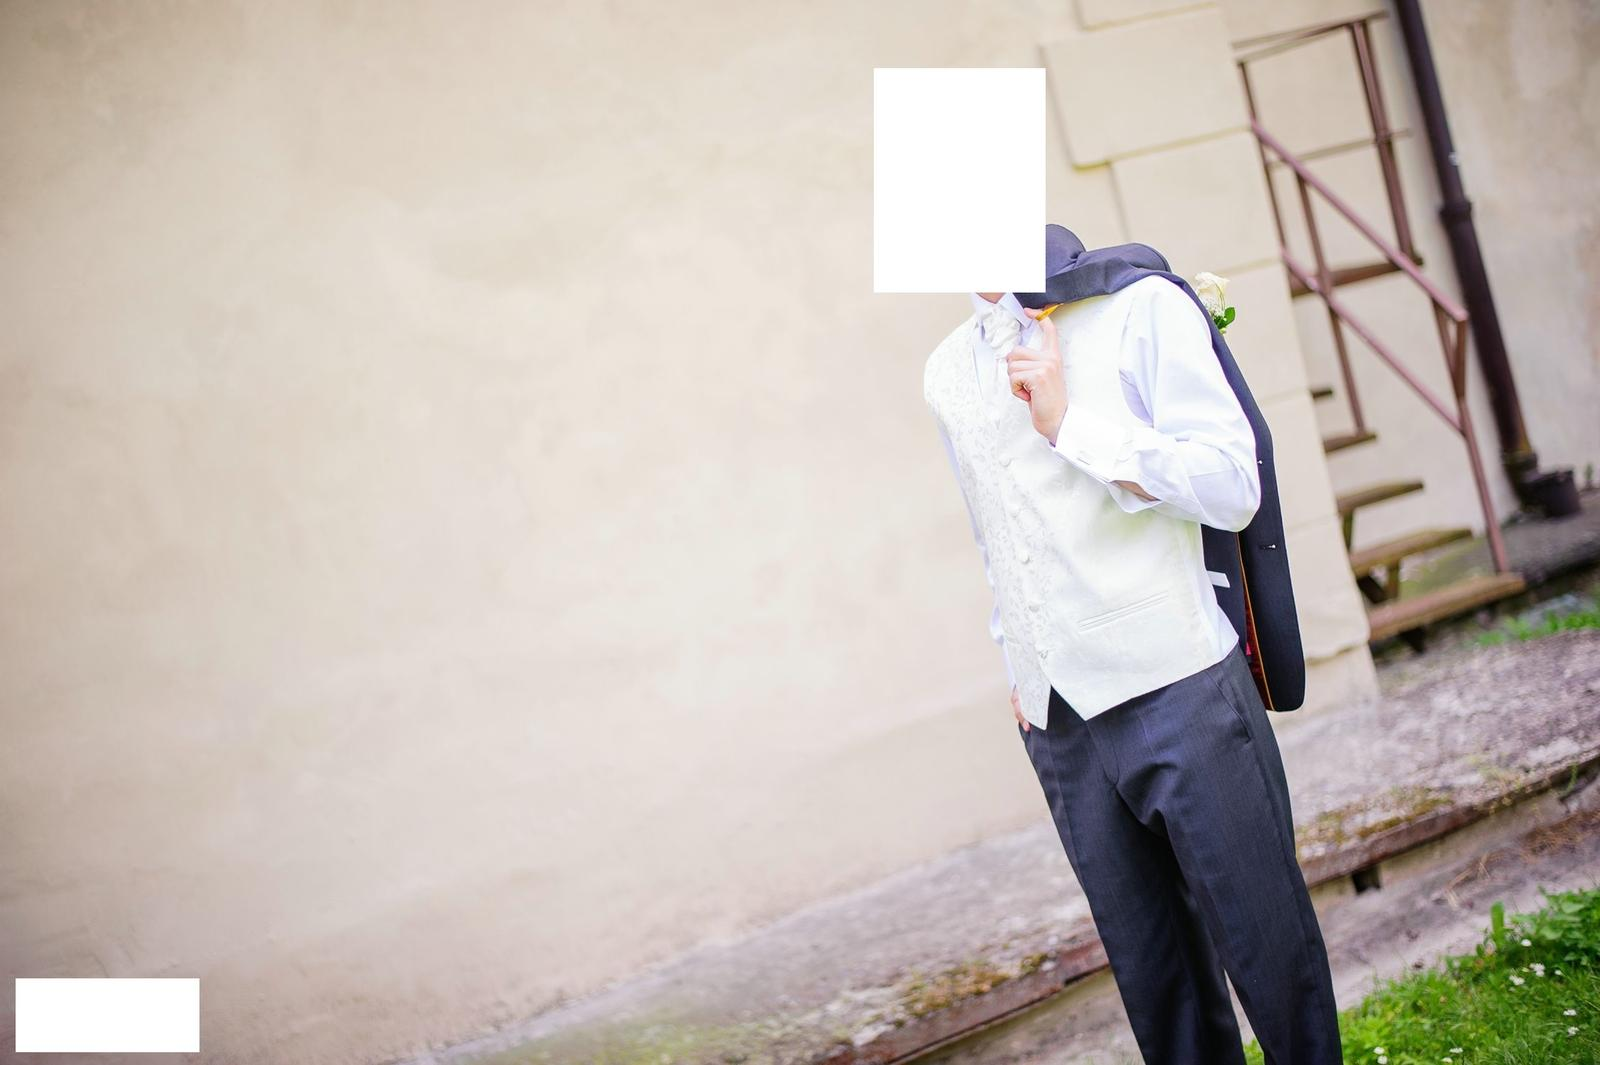 svadobná vesta, kravata a záložka  - Obrázok č. 2